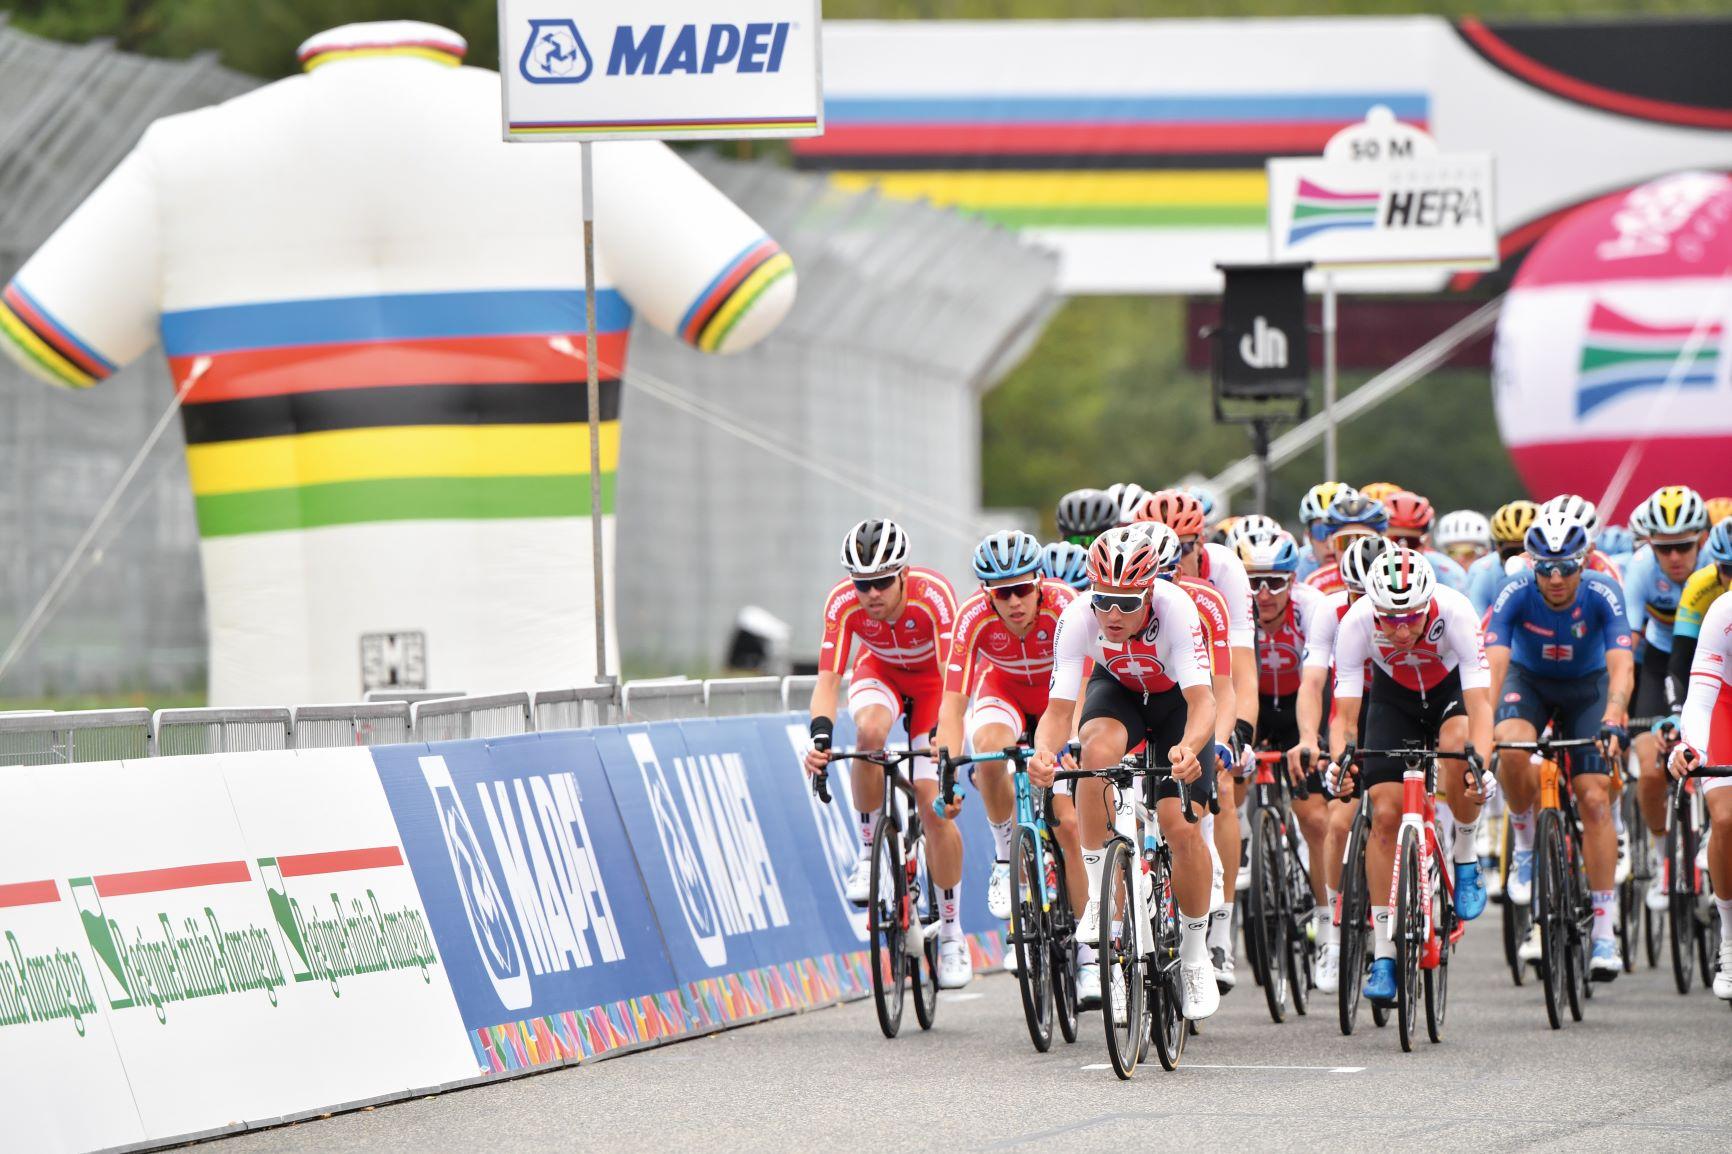 Чемпионат мира UCI по шоссейным гонкам: MAPEI разжигает «старое пламя»